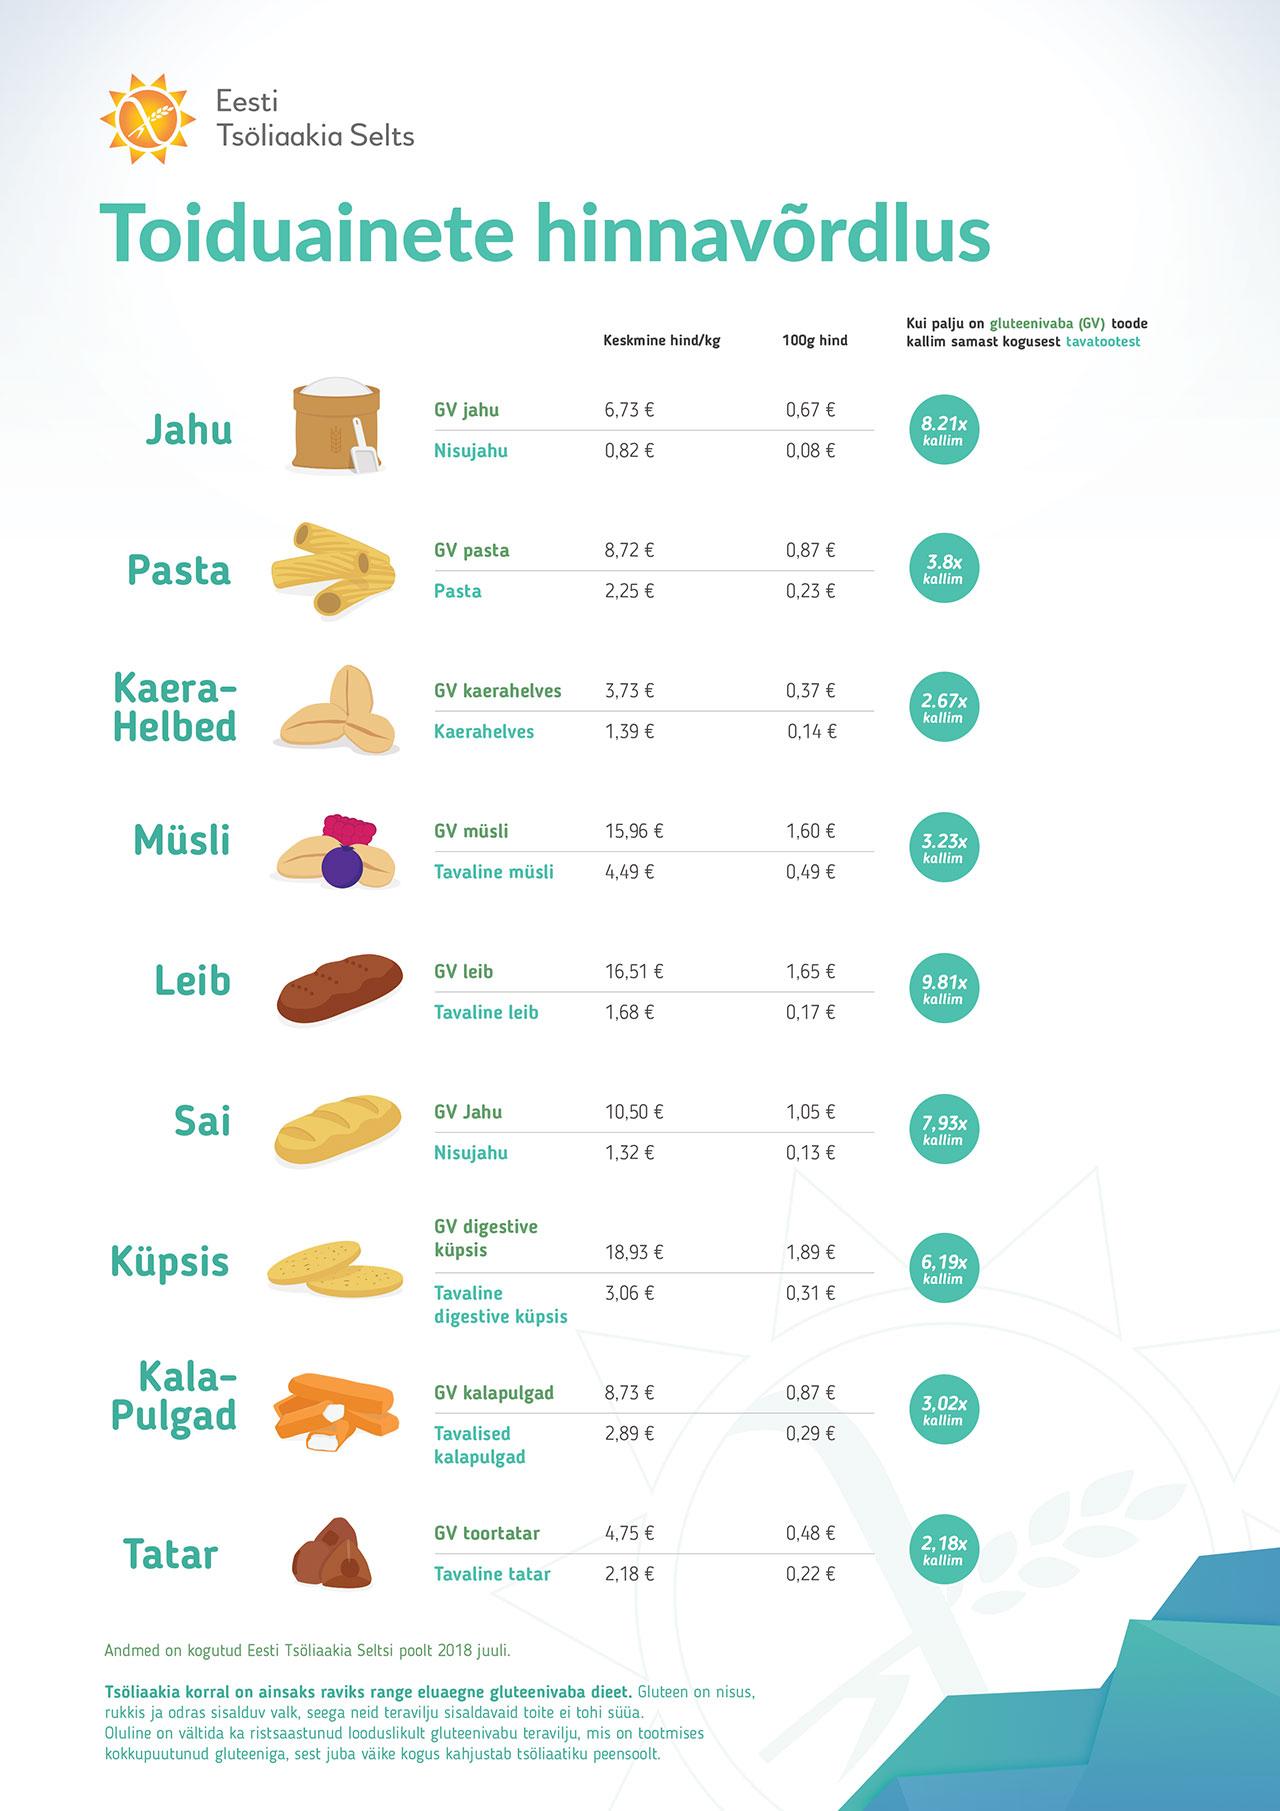 Toiduainete hinnavõrdlus 2018